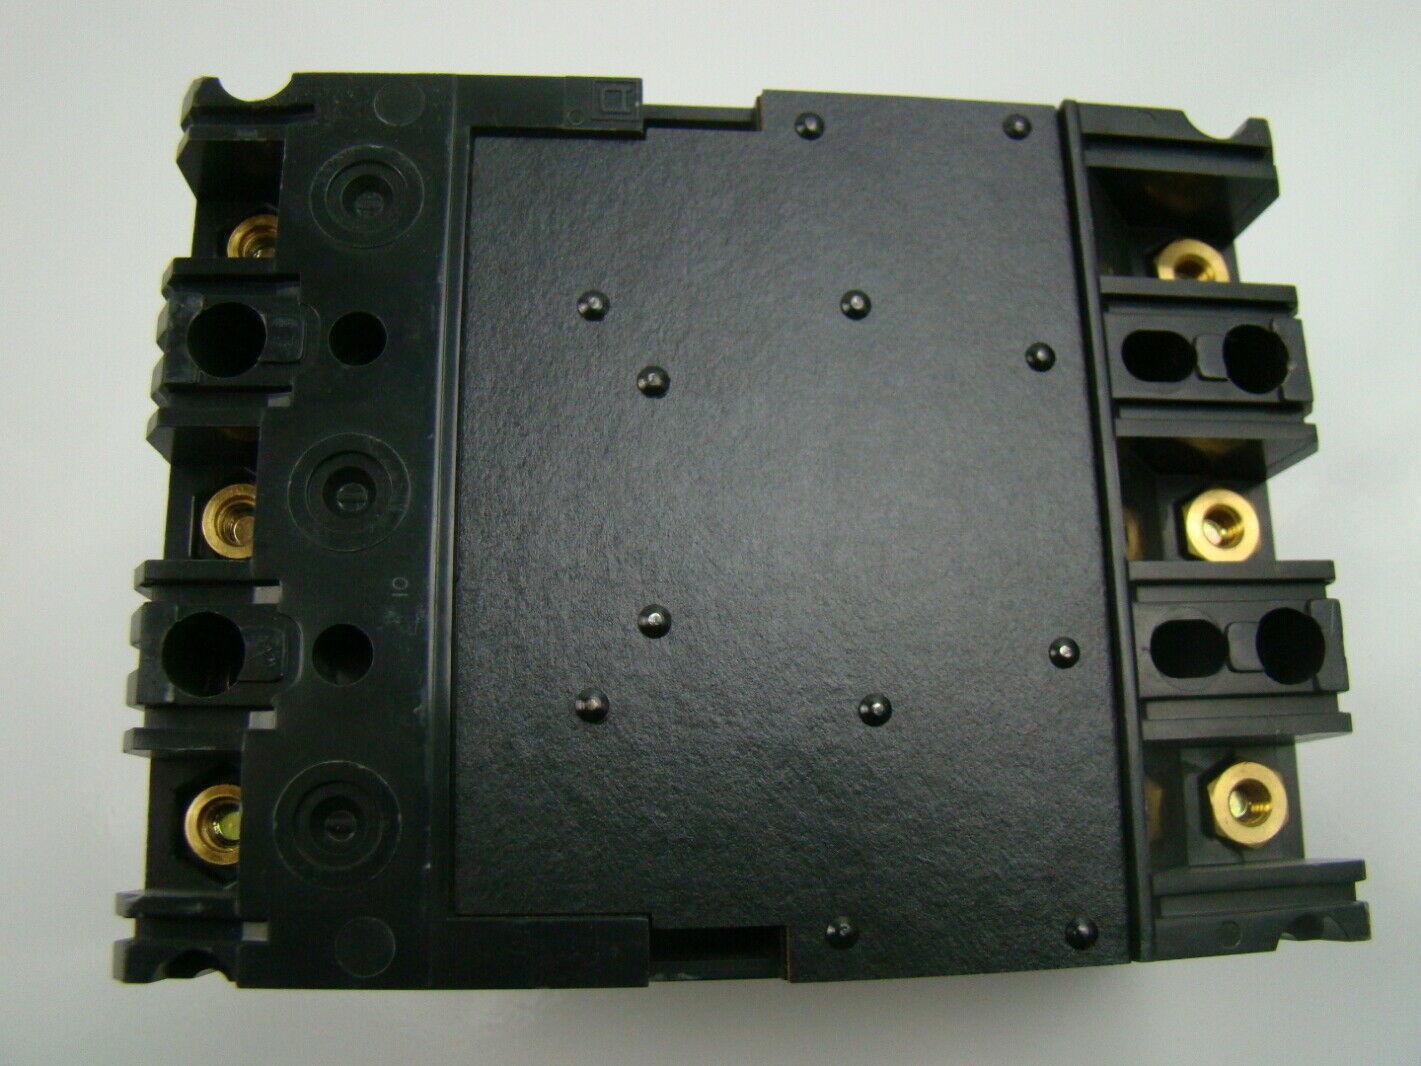 Square D 60 Amp Thermal Magnetic Circuit Breaker Fal